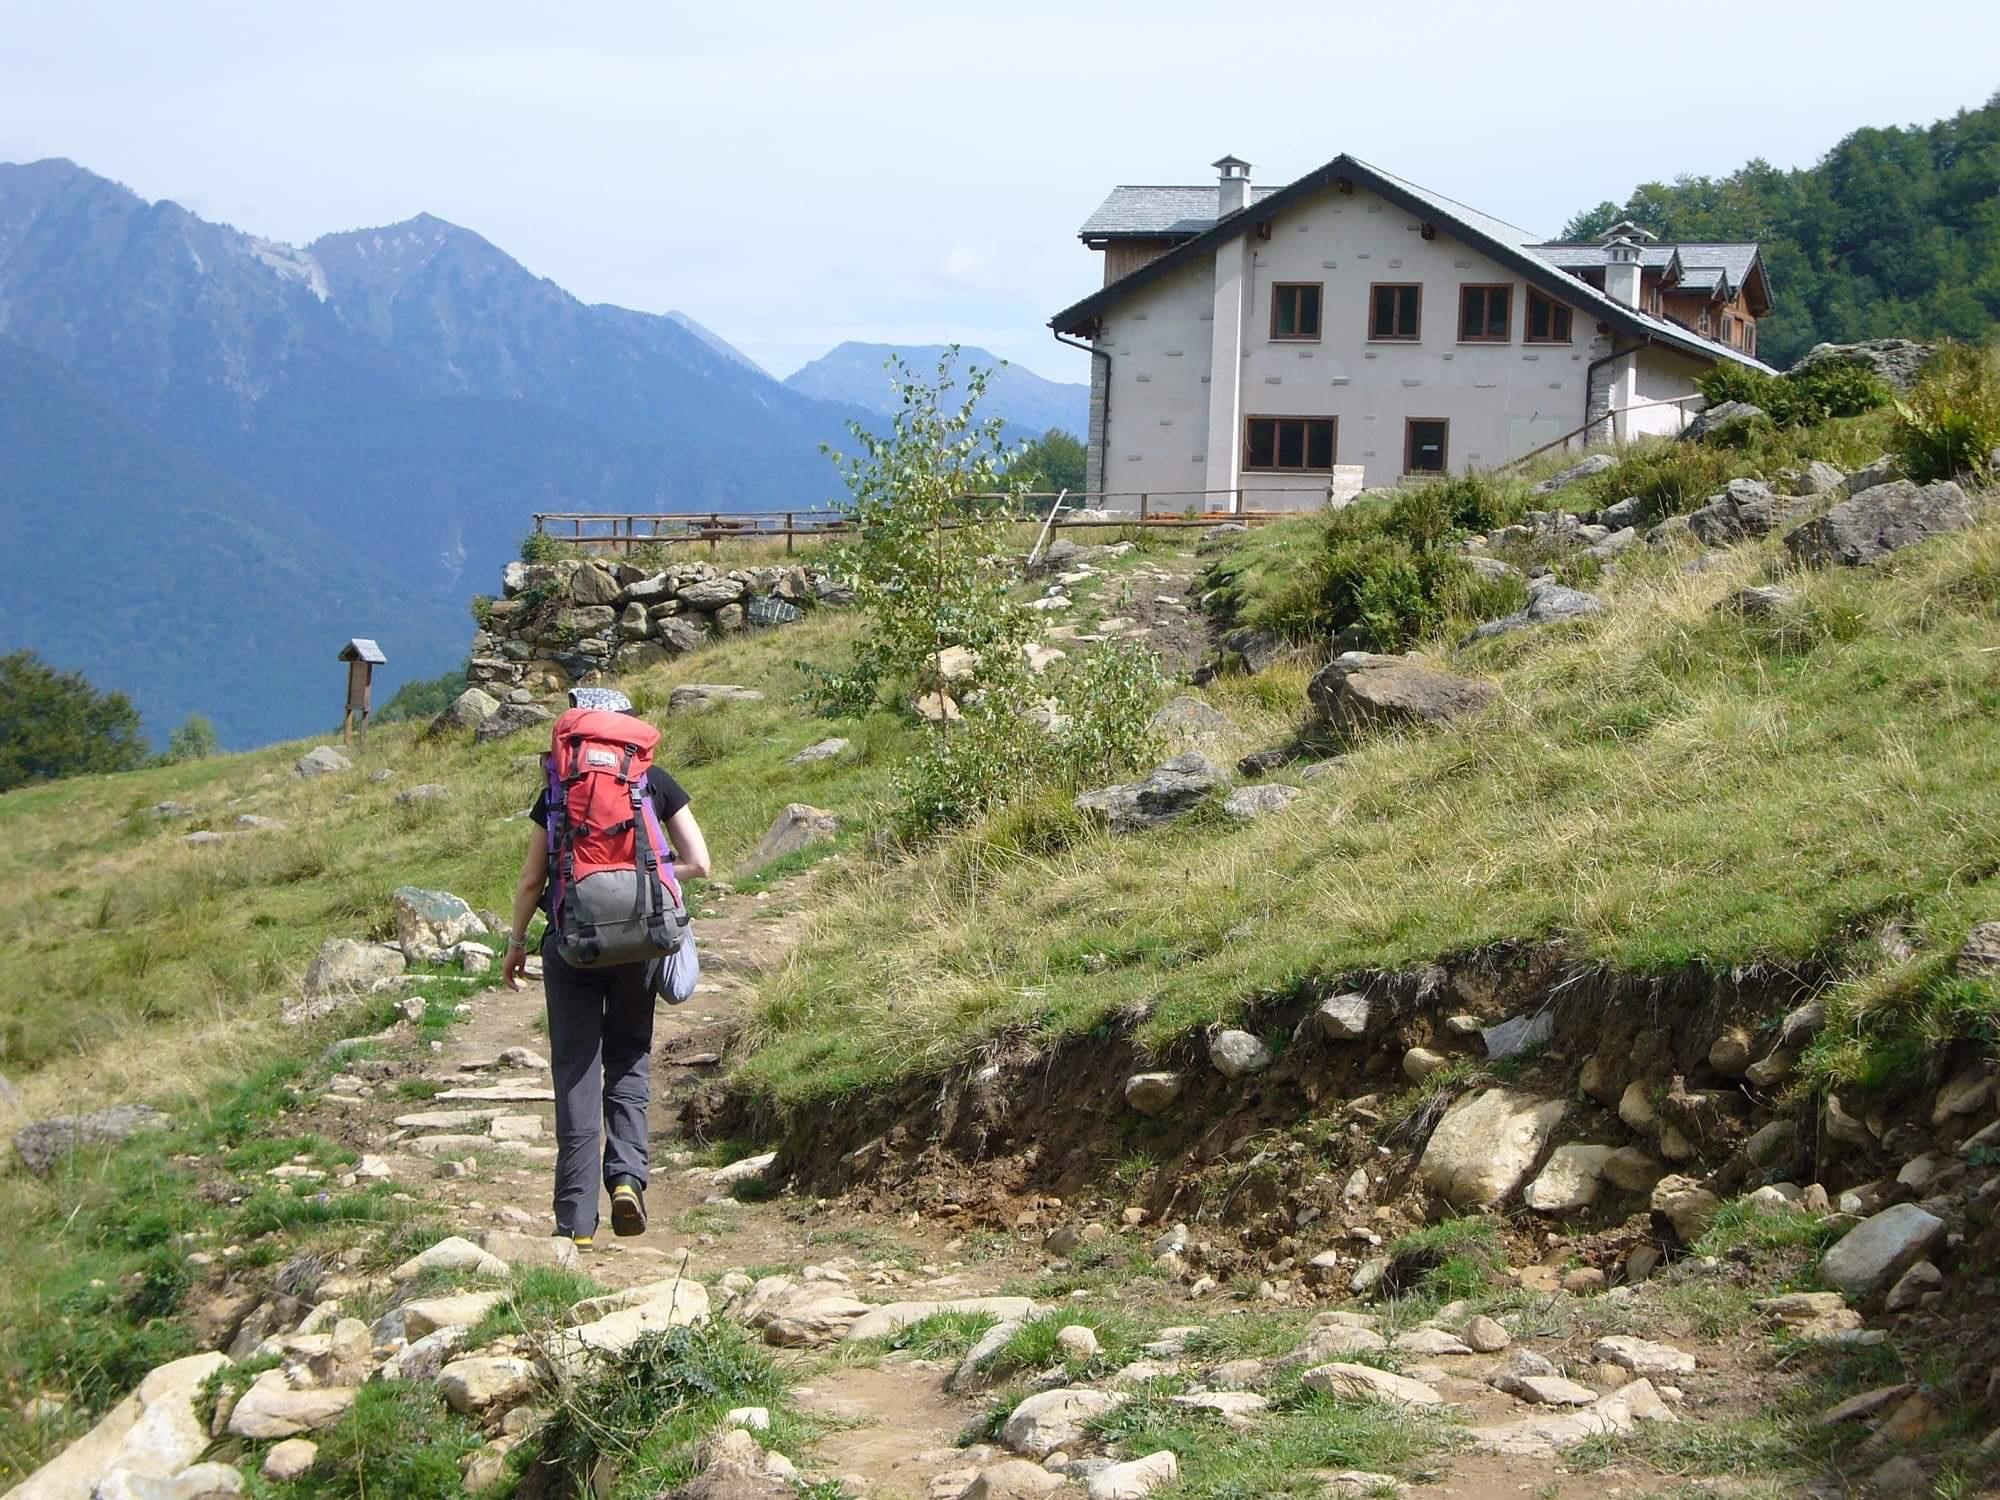 Al via la Settimana Nazionale dell'Escursionismo, protagonista il Sentiero Italia